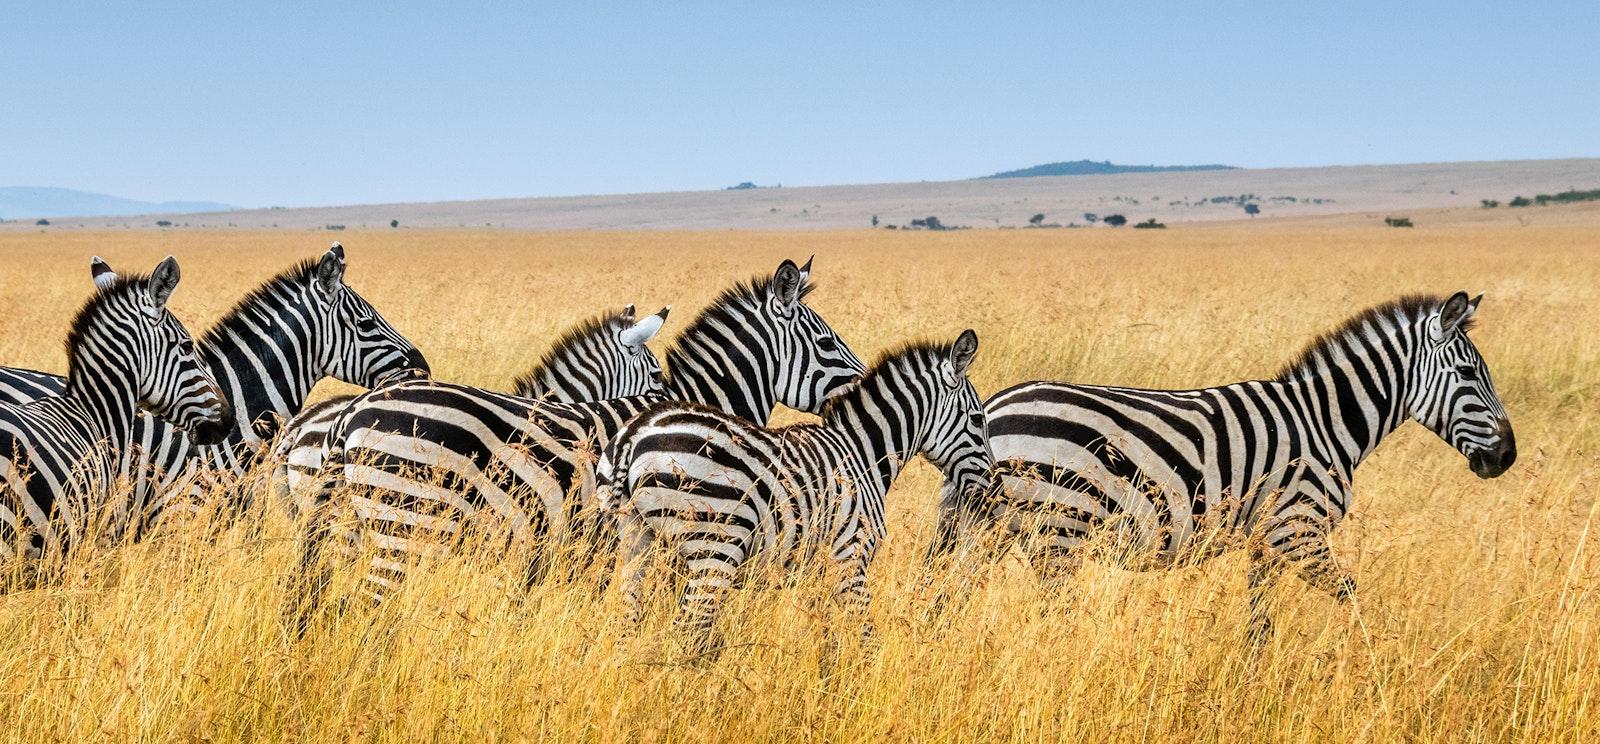 Zebra on a tall grass open flat lands